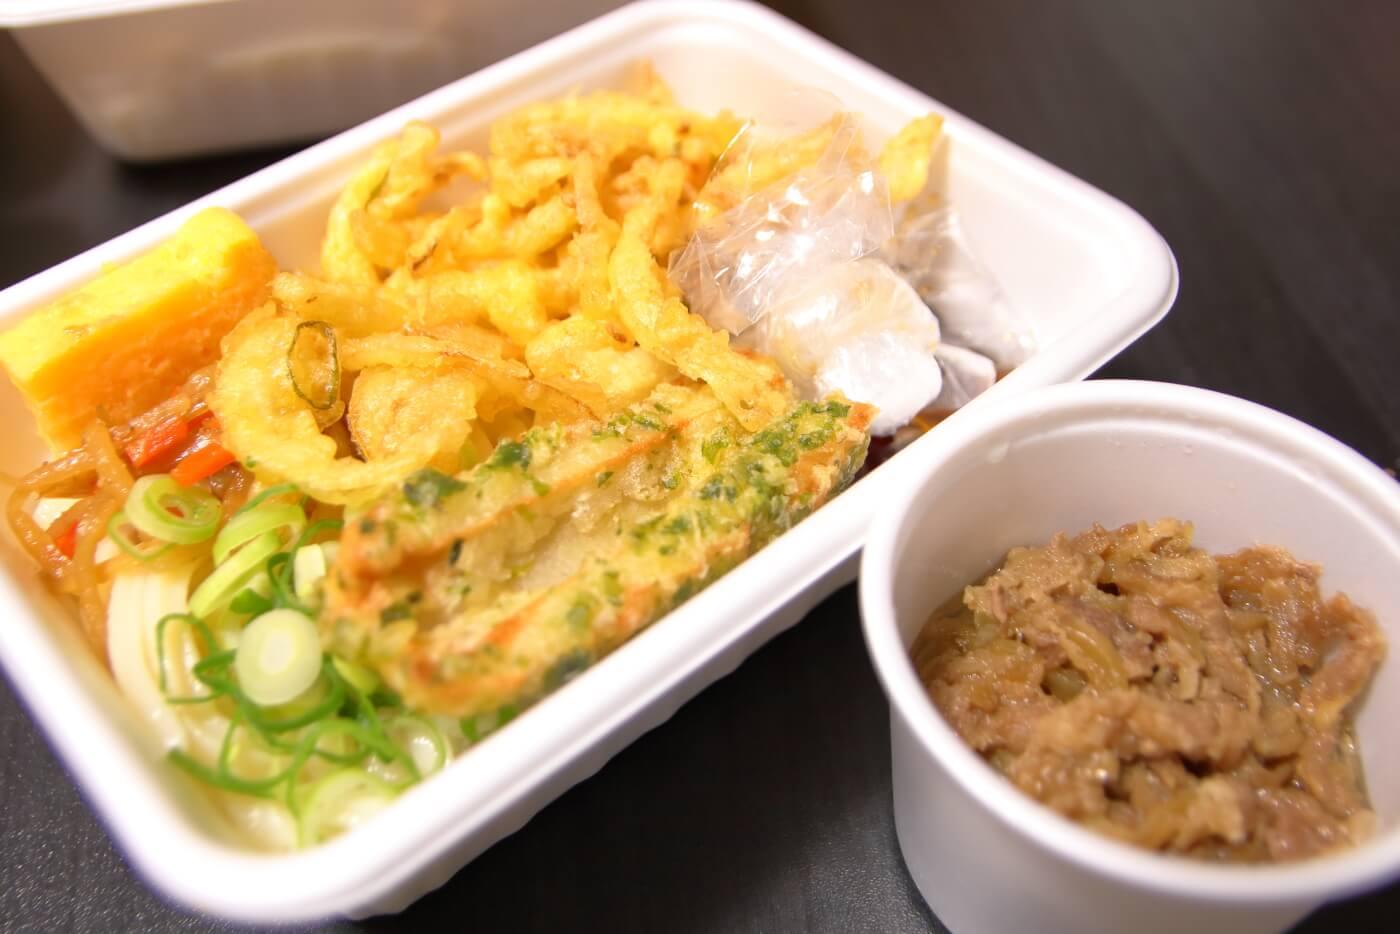 丸亀製麺 うどん弁当 2種の天ぷらと定番おかずの肉うどん弁当